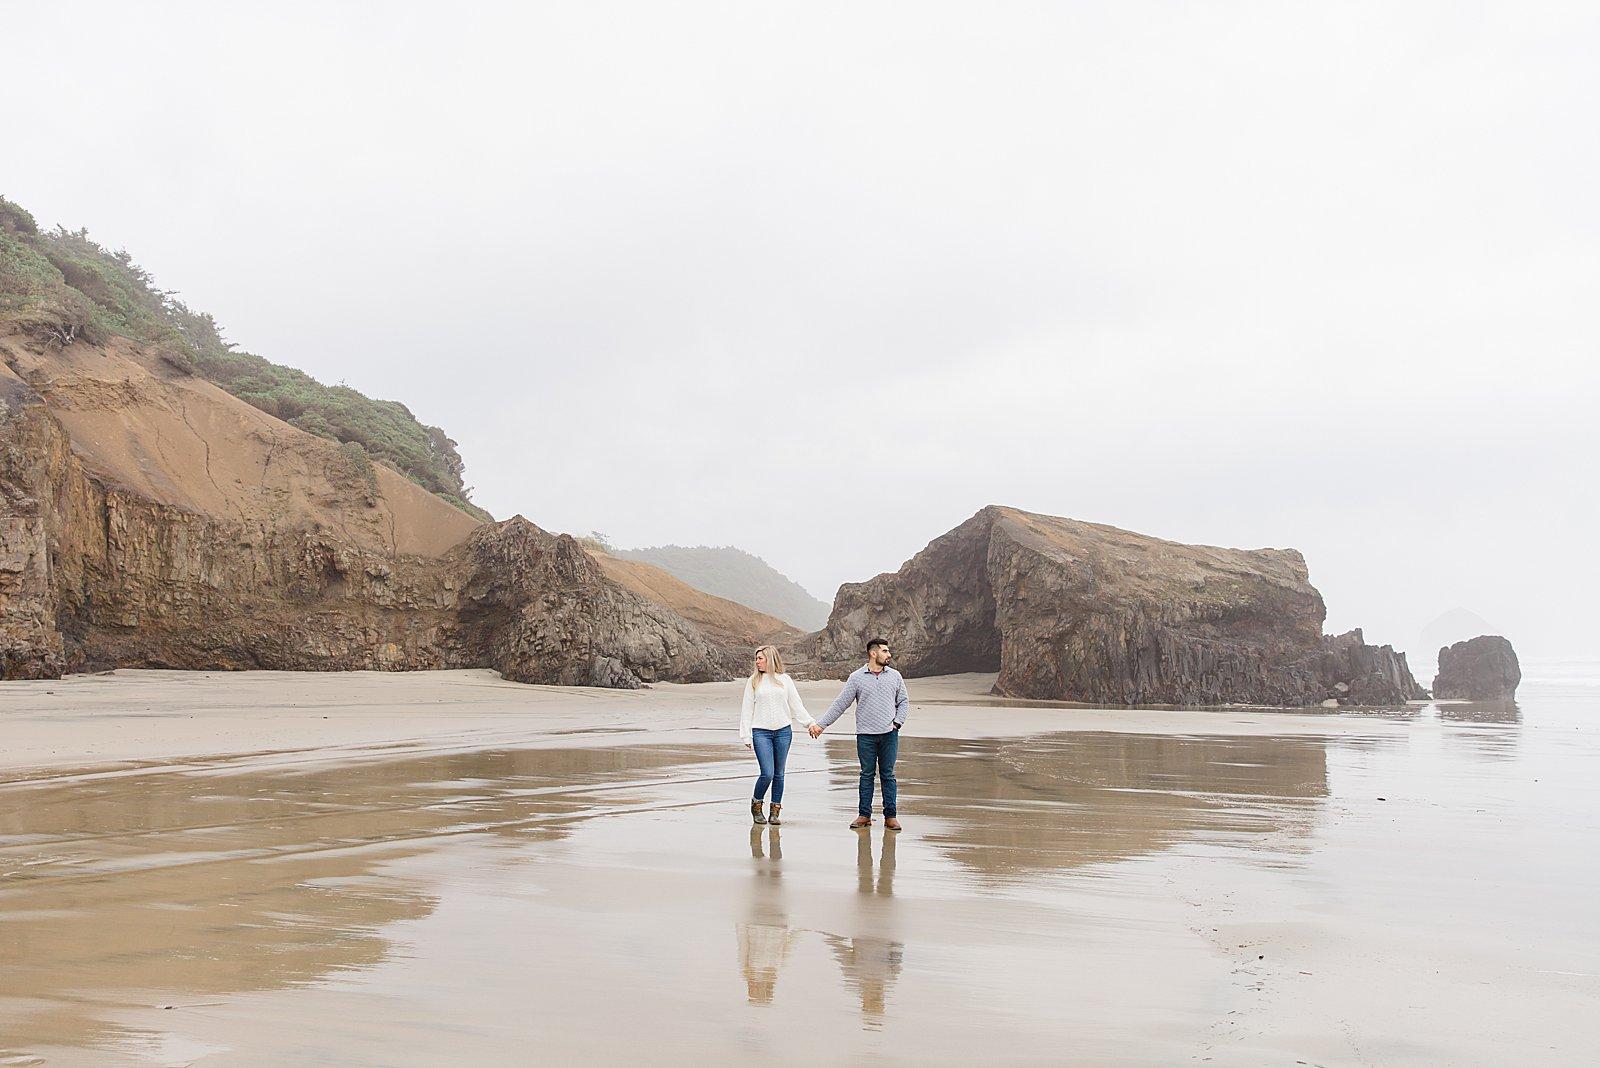 Rebekah Leona Photography | Cape Kiwanda | Beach Photo Session | Oregon Coast Engagement Session | PNW Couples Photography